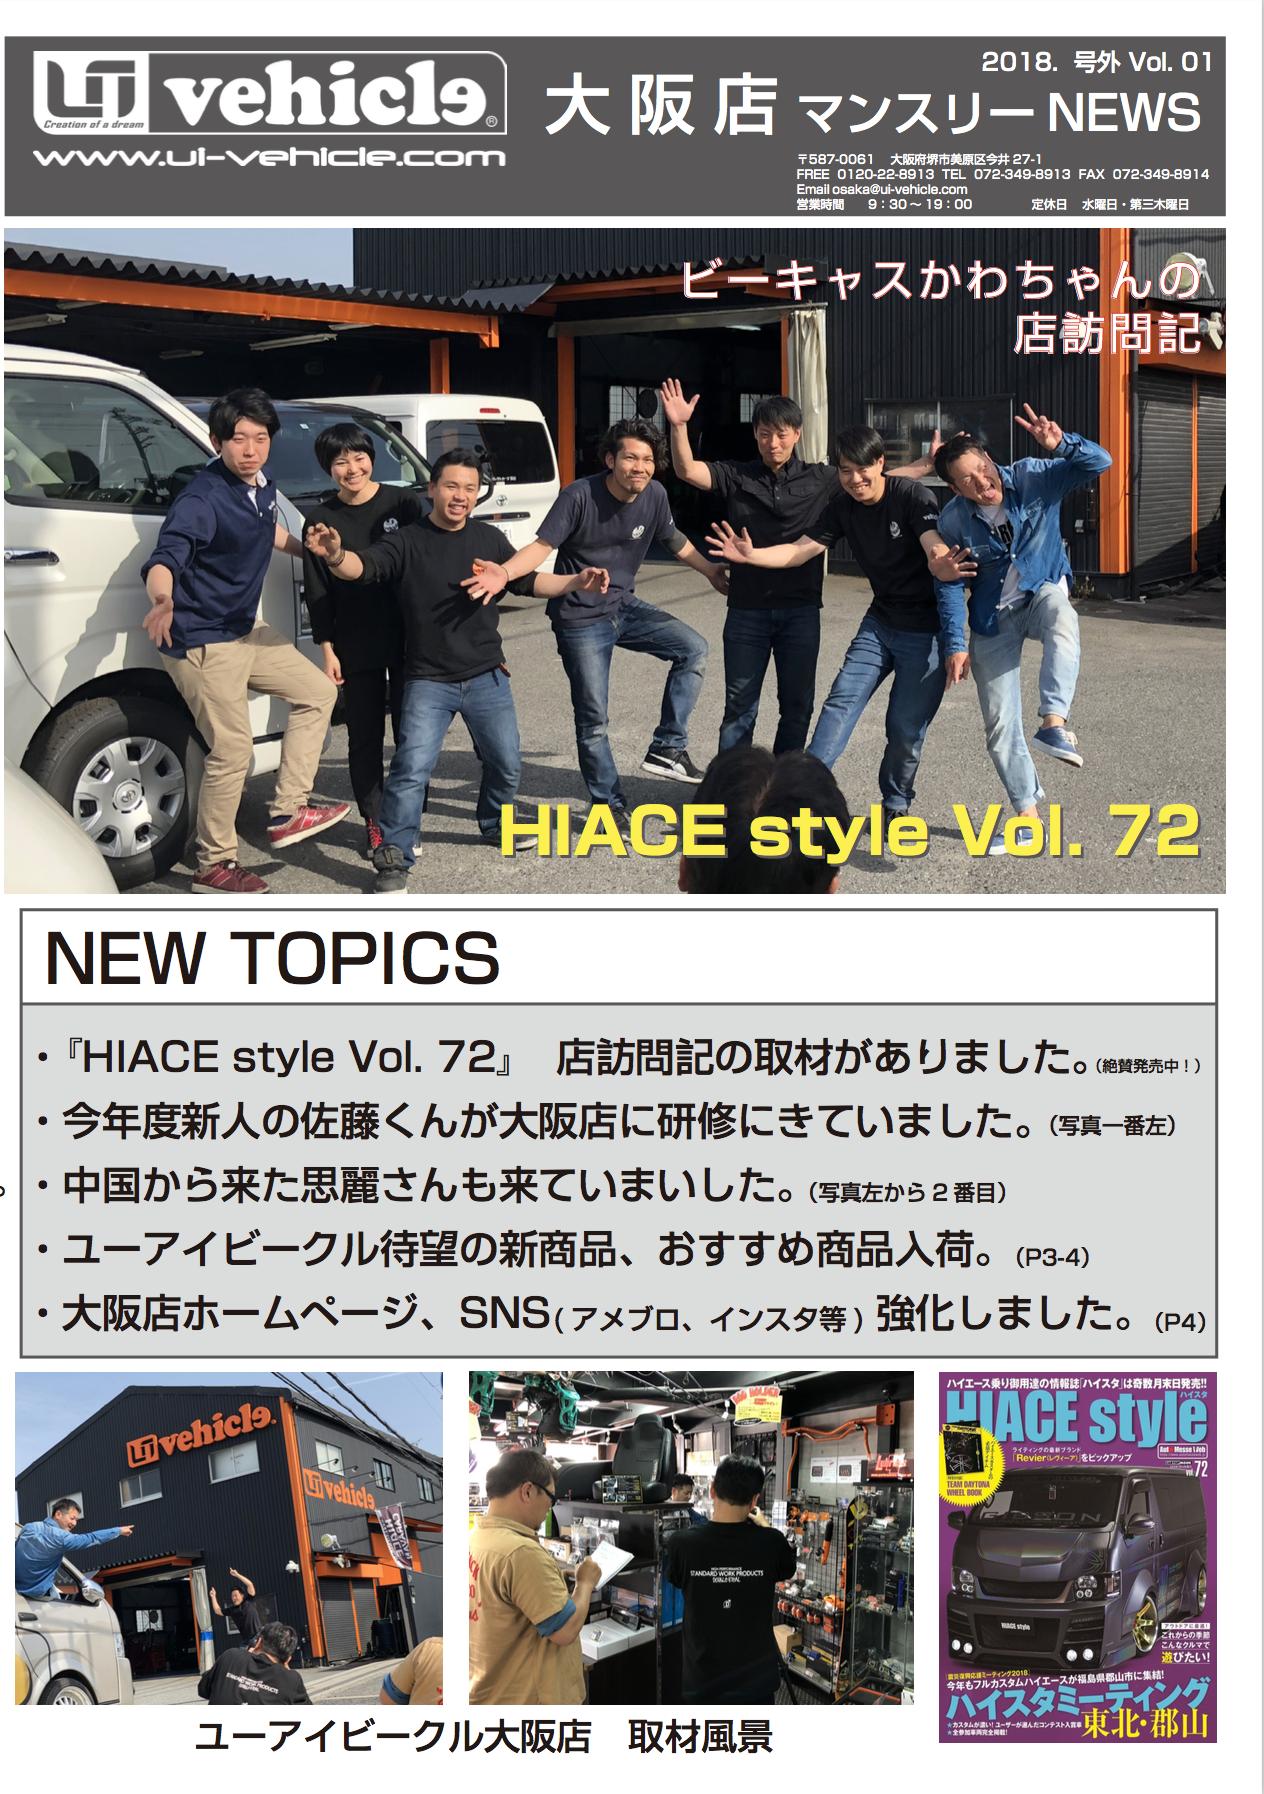 大阪店マンスリーニュース Vol_1